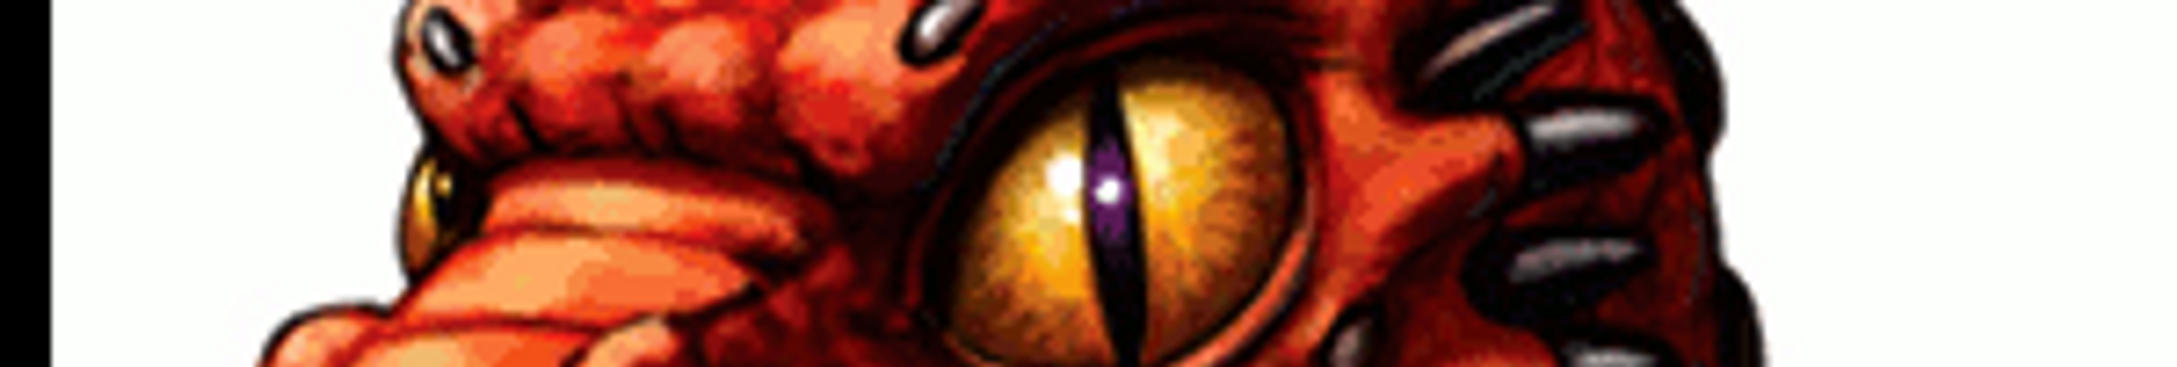 Red Dragon Age Progression 2 by Rainb0wC0nd0m